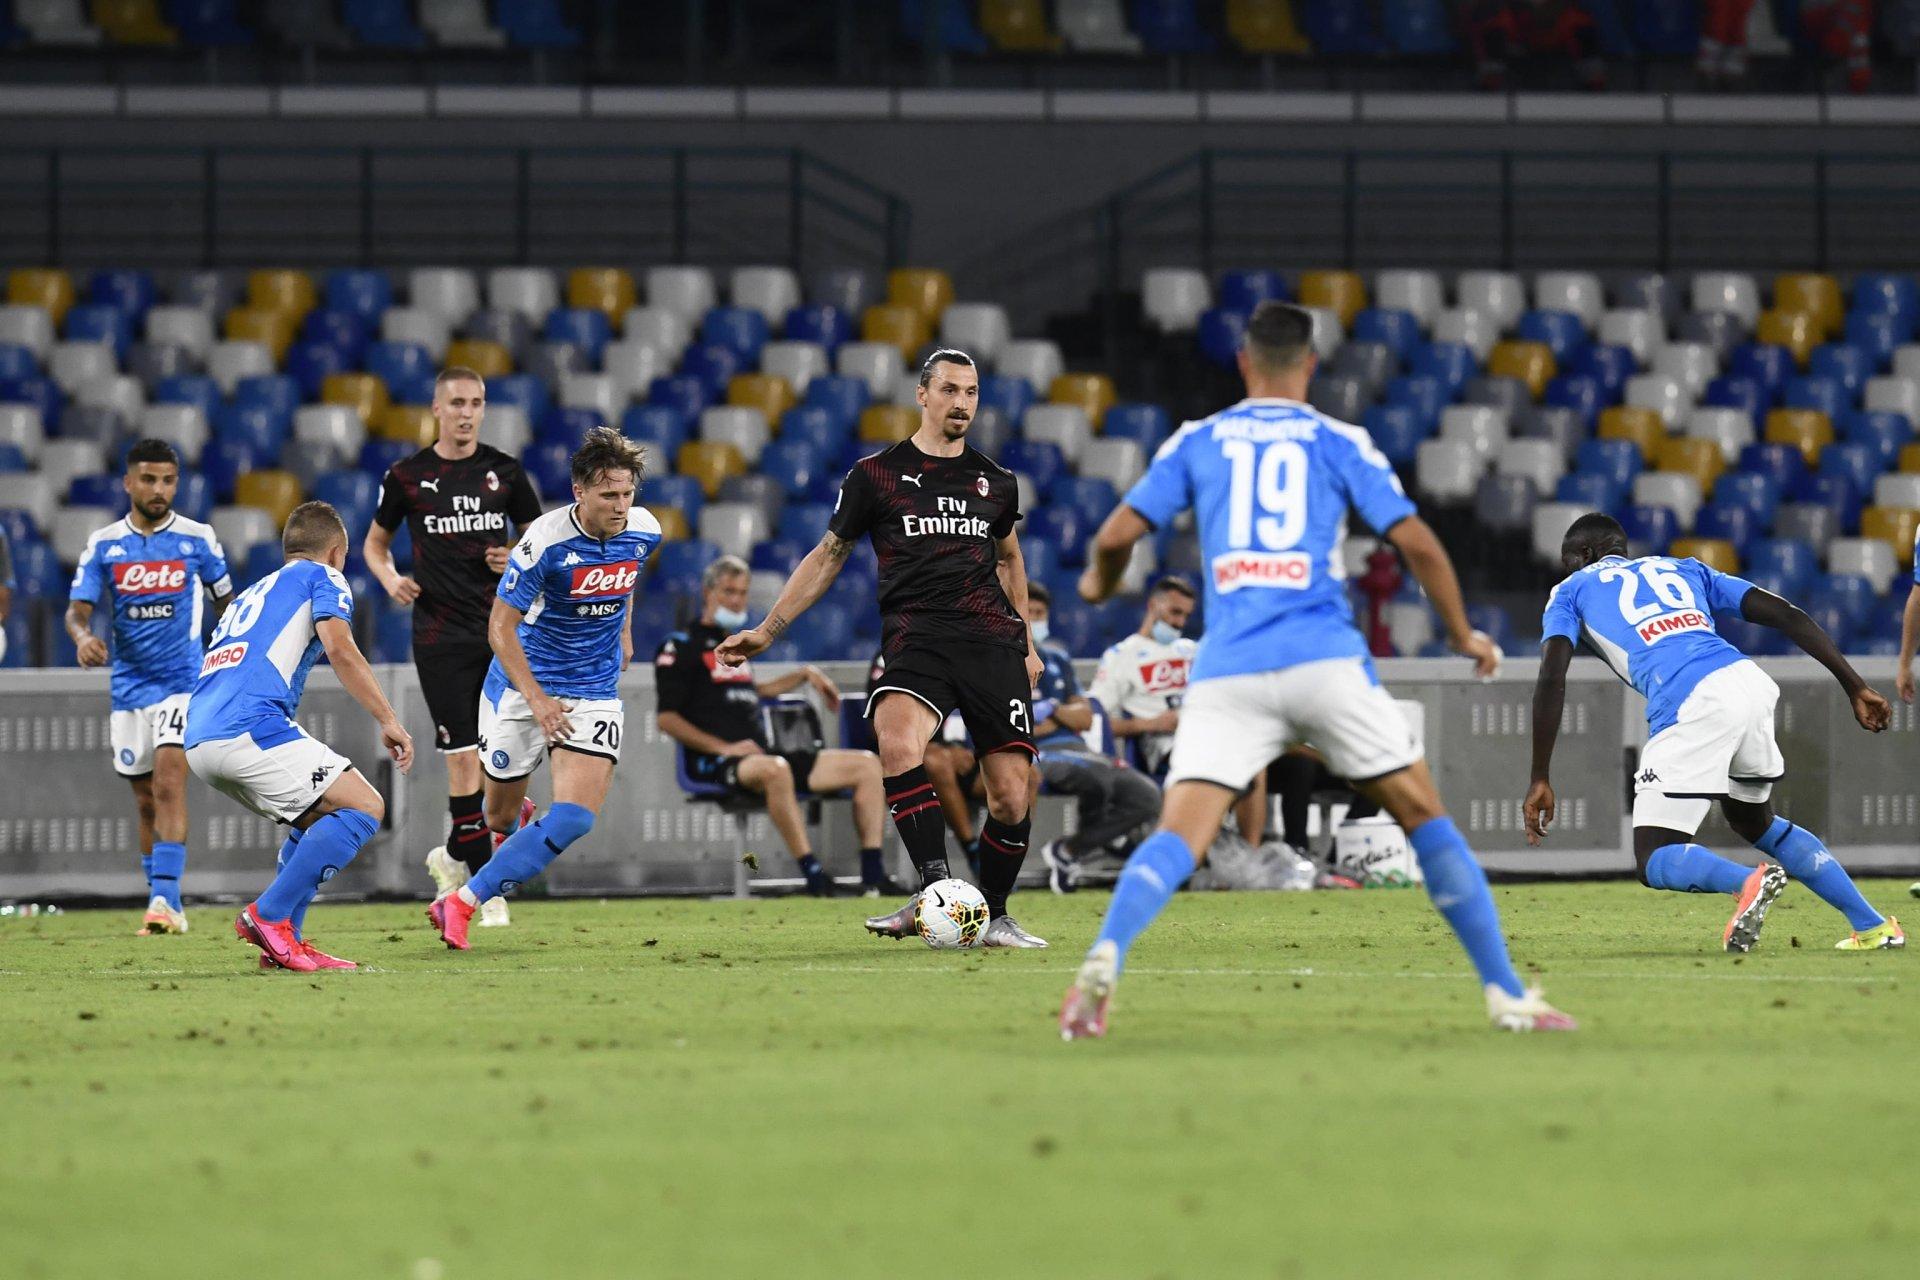 Lega Serie A reitera richiesta pagamento ma non sospende contratto con Sky